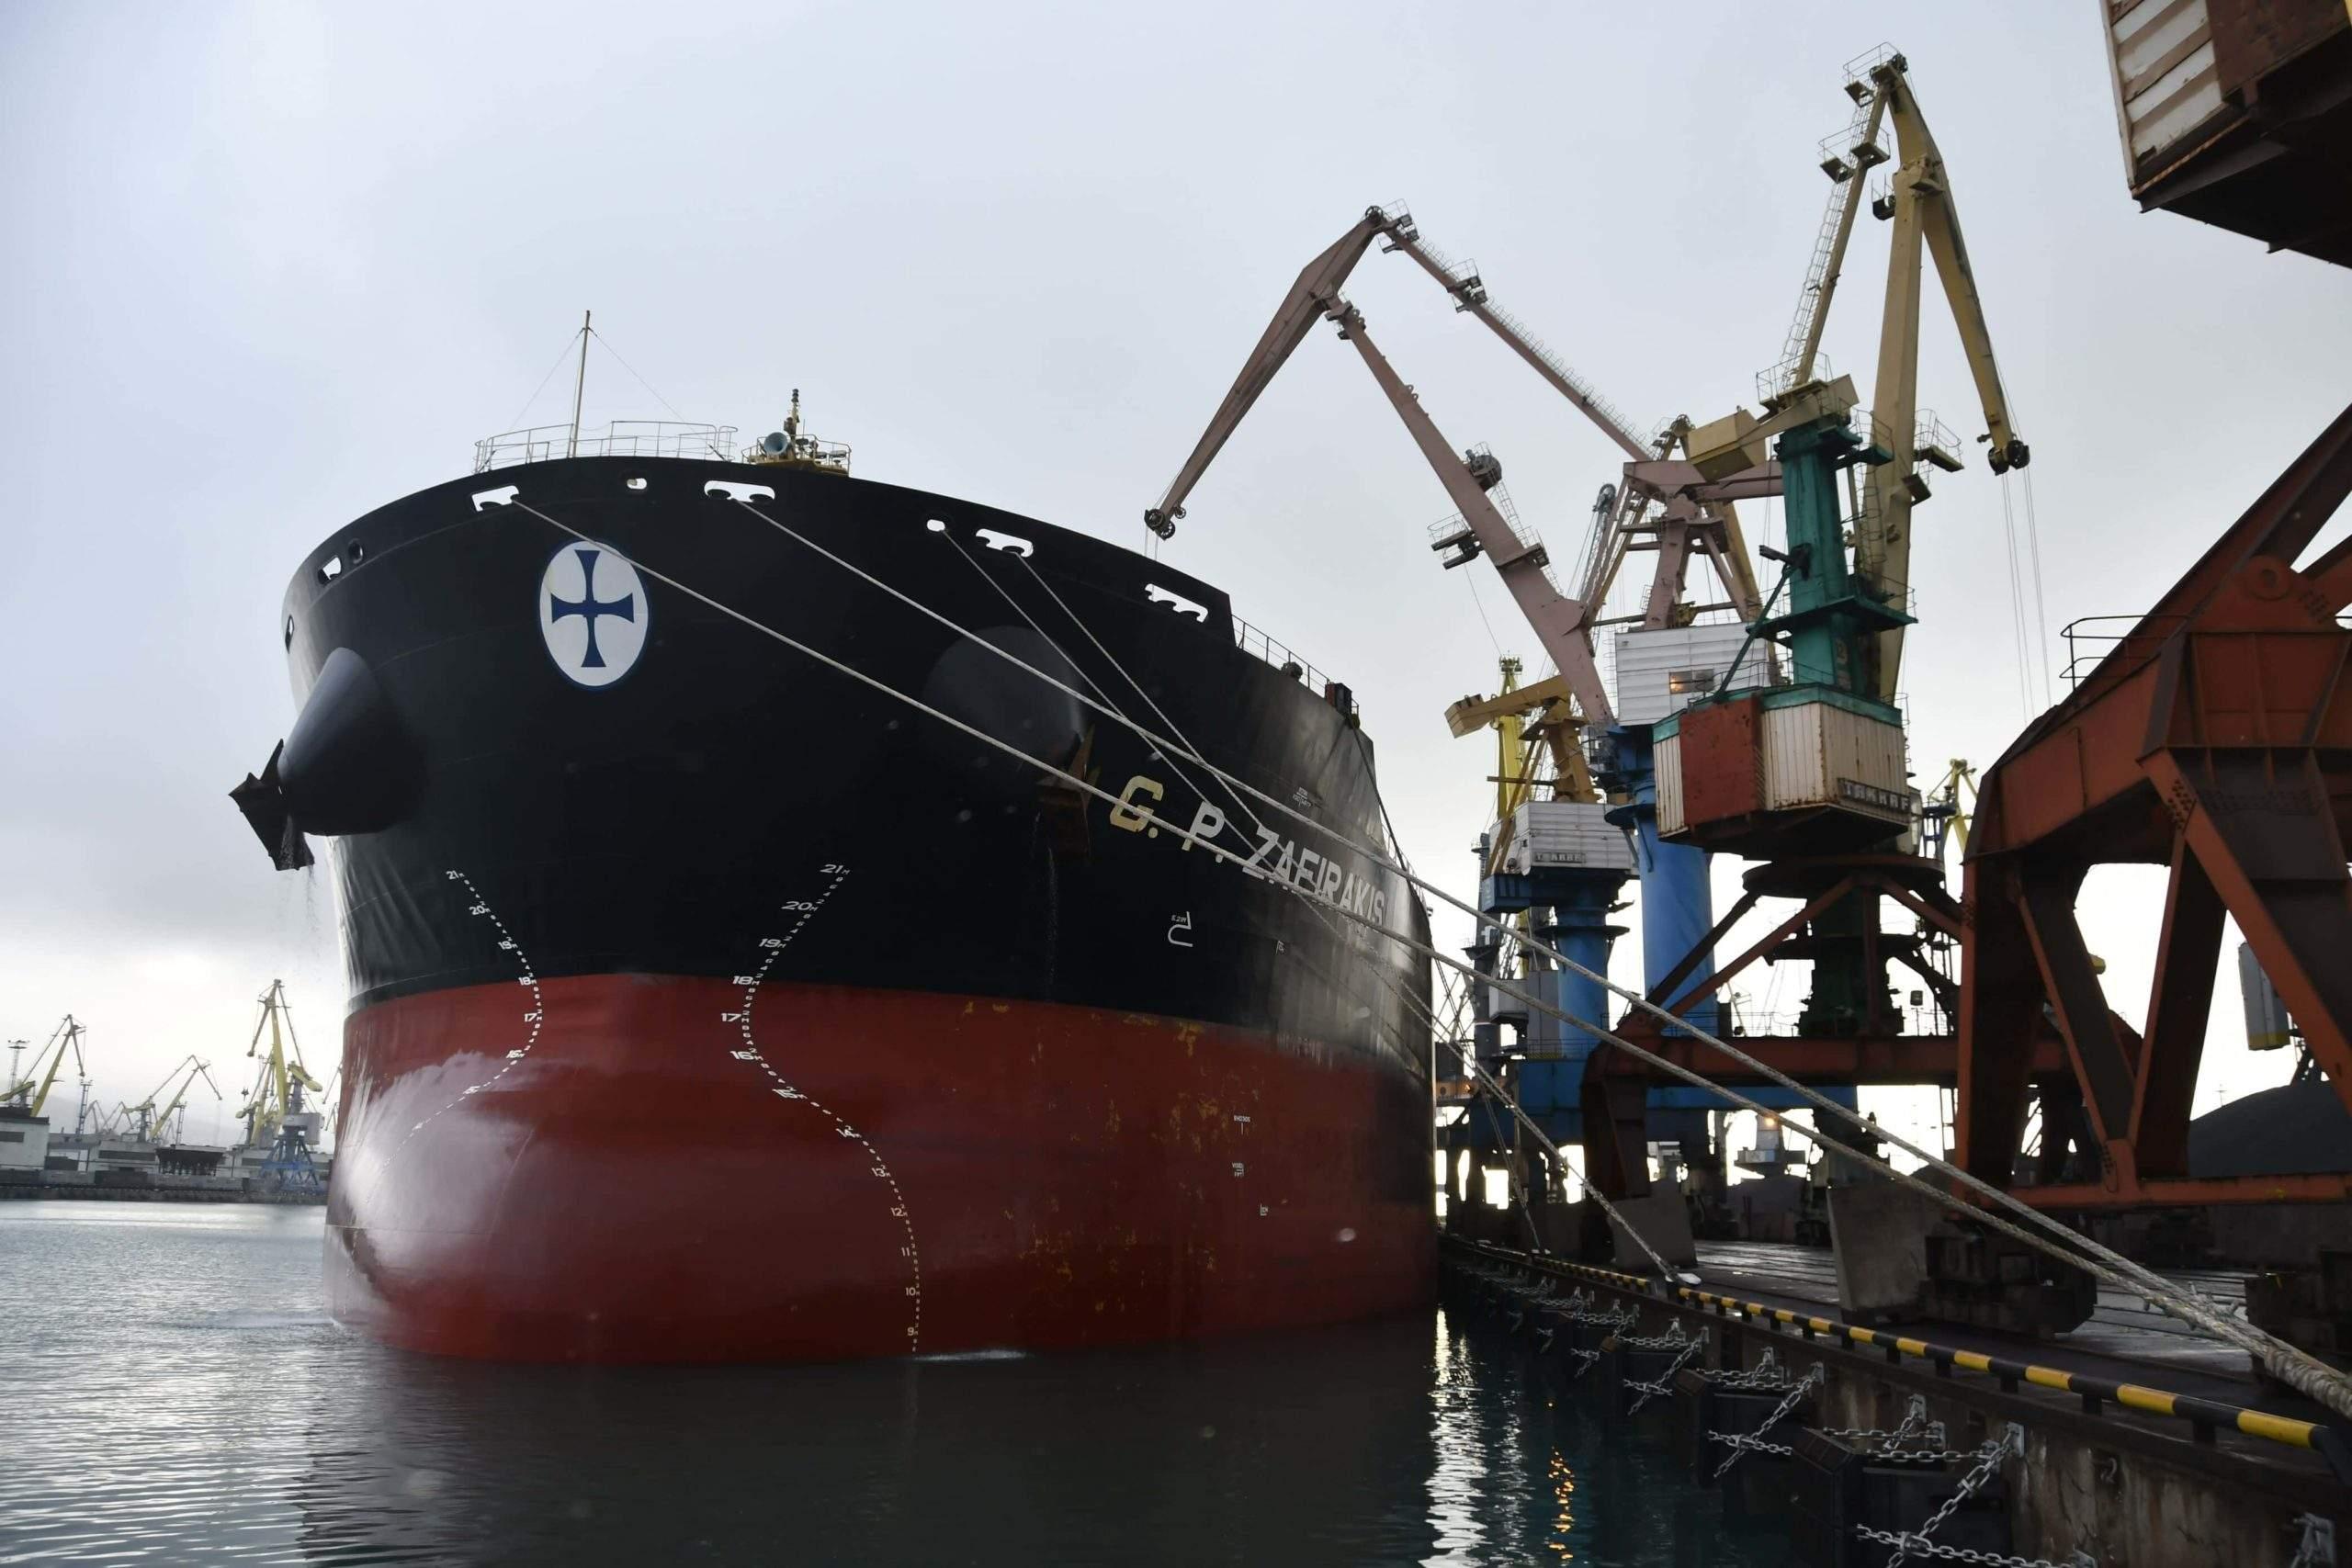 У причала новороссийского порта загрузили рекордно длинный сухогруз